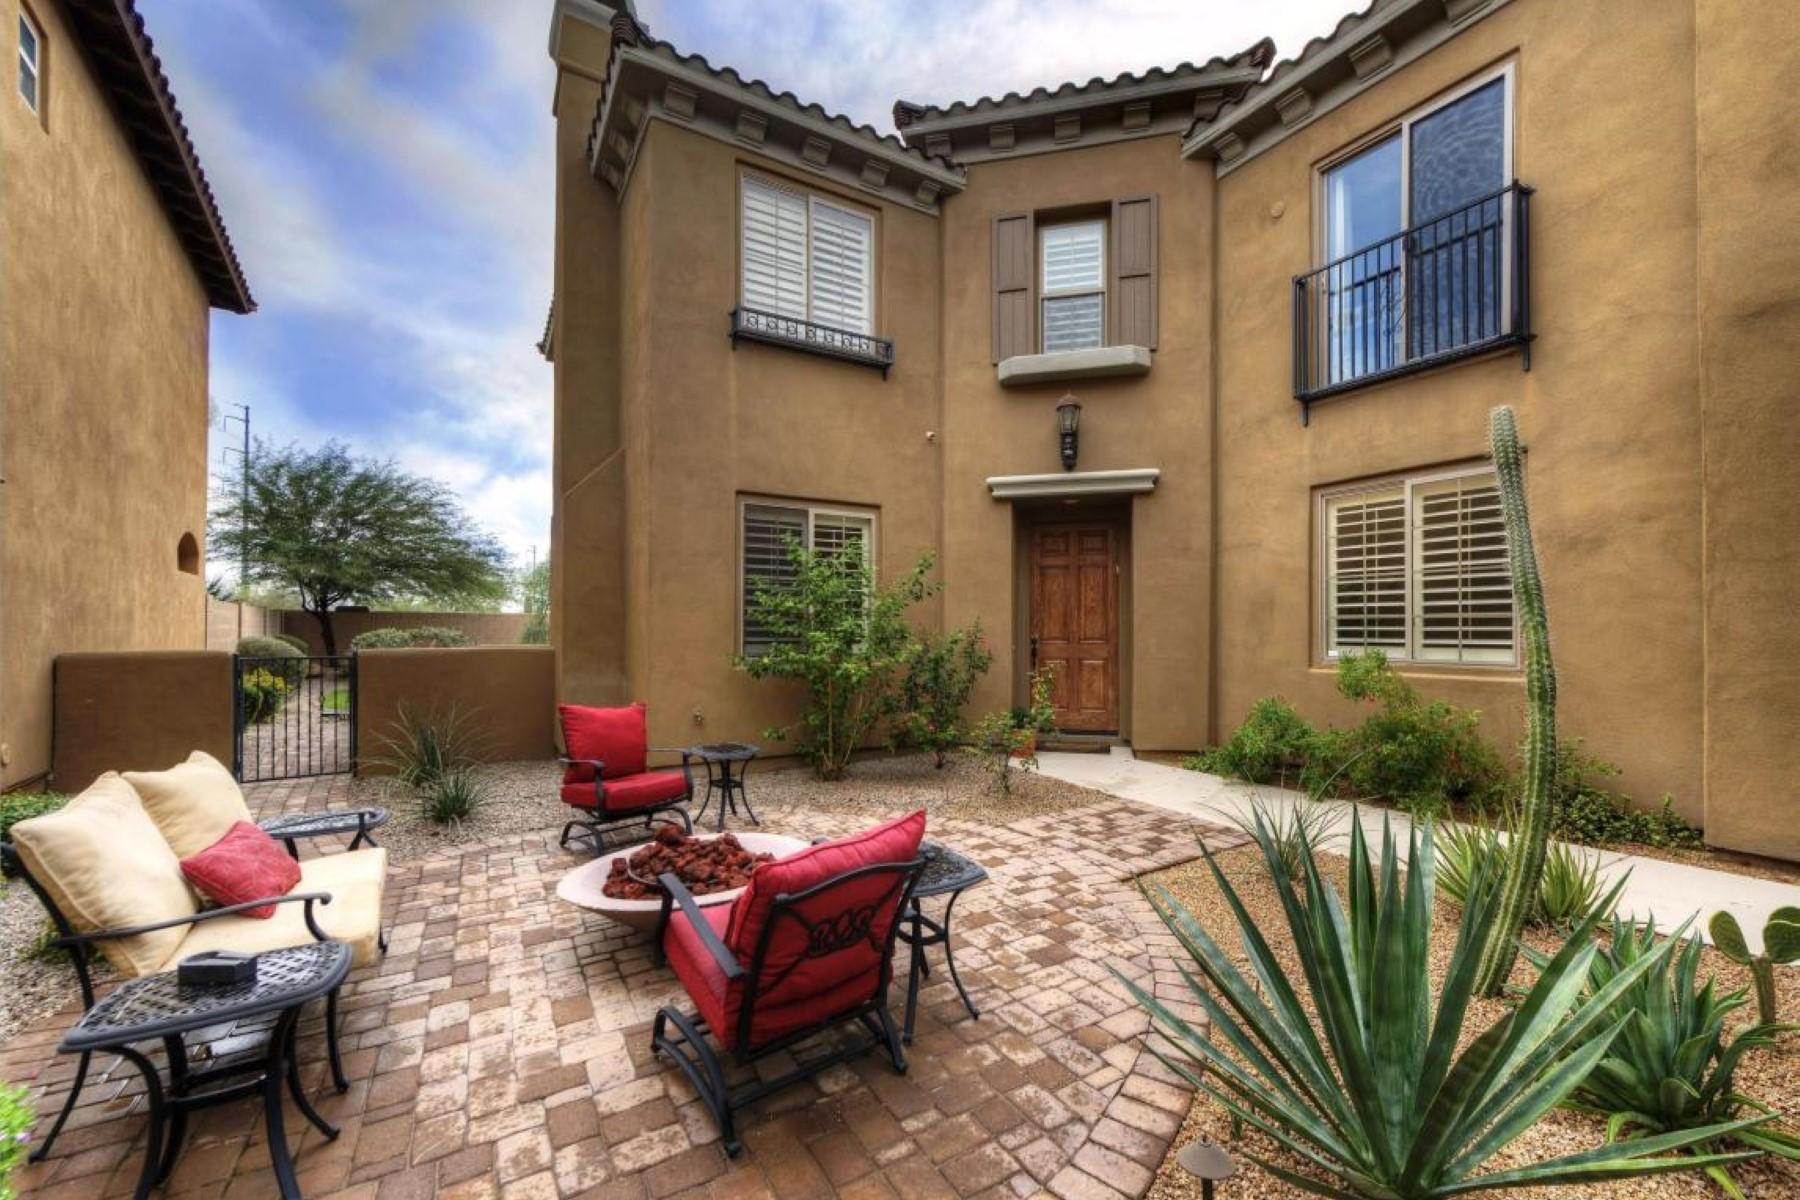 Частный односемейный дом для того Продажа на Beautiful home with private gated courtyard 3765 E Donald Dr Phoenix, Аризона 85050 Соединенные Штаты